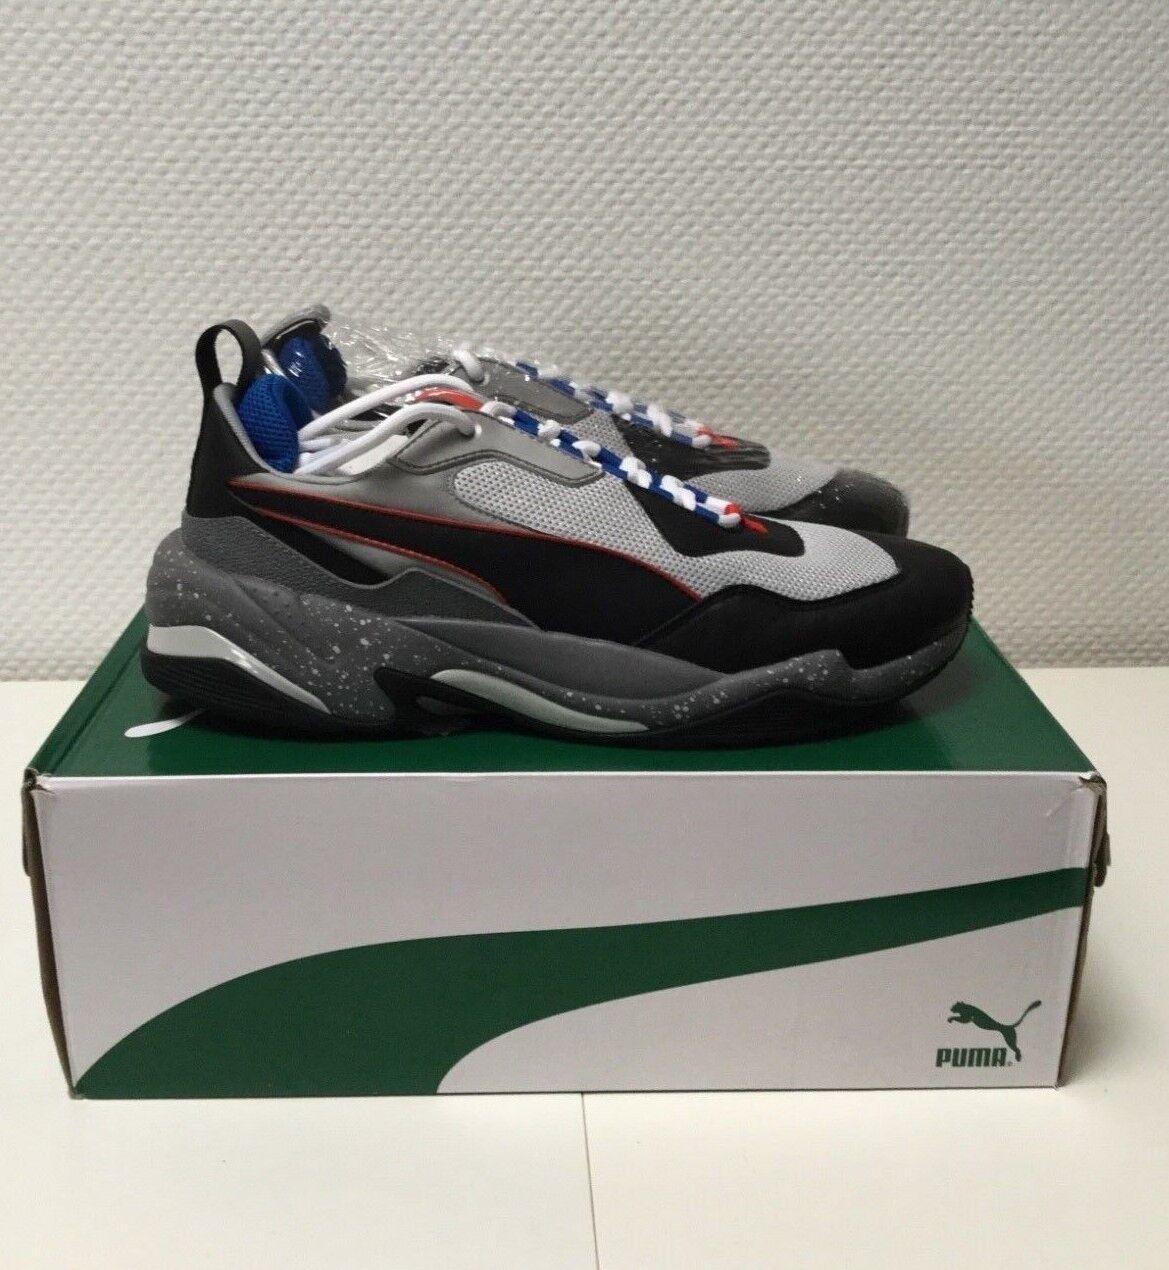 Puma Thunder Electric grau/schwarz/blau, Art. 367996-02, Herren Sneaker, NEU -DS